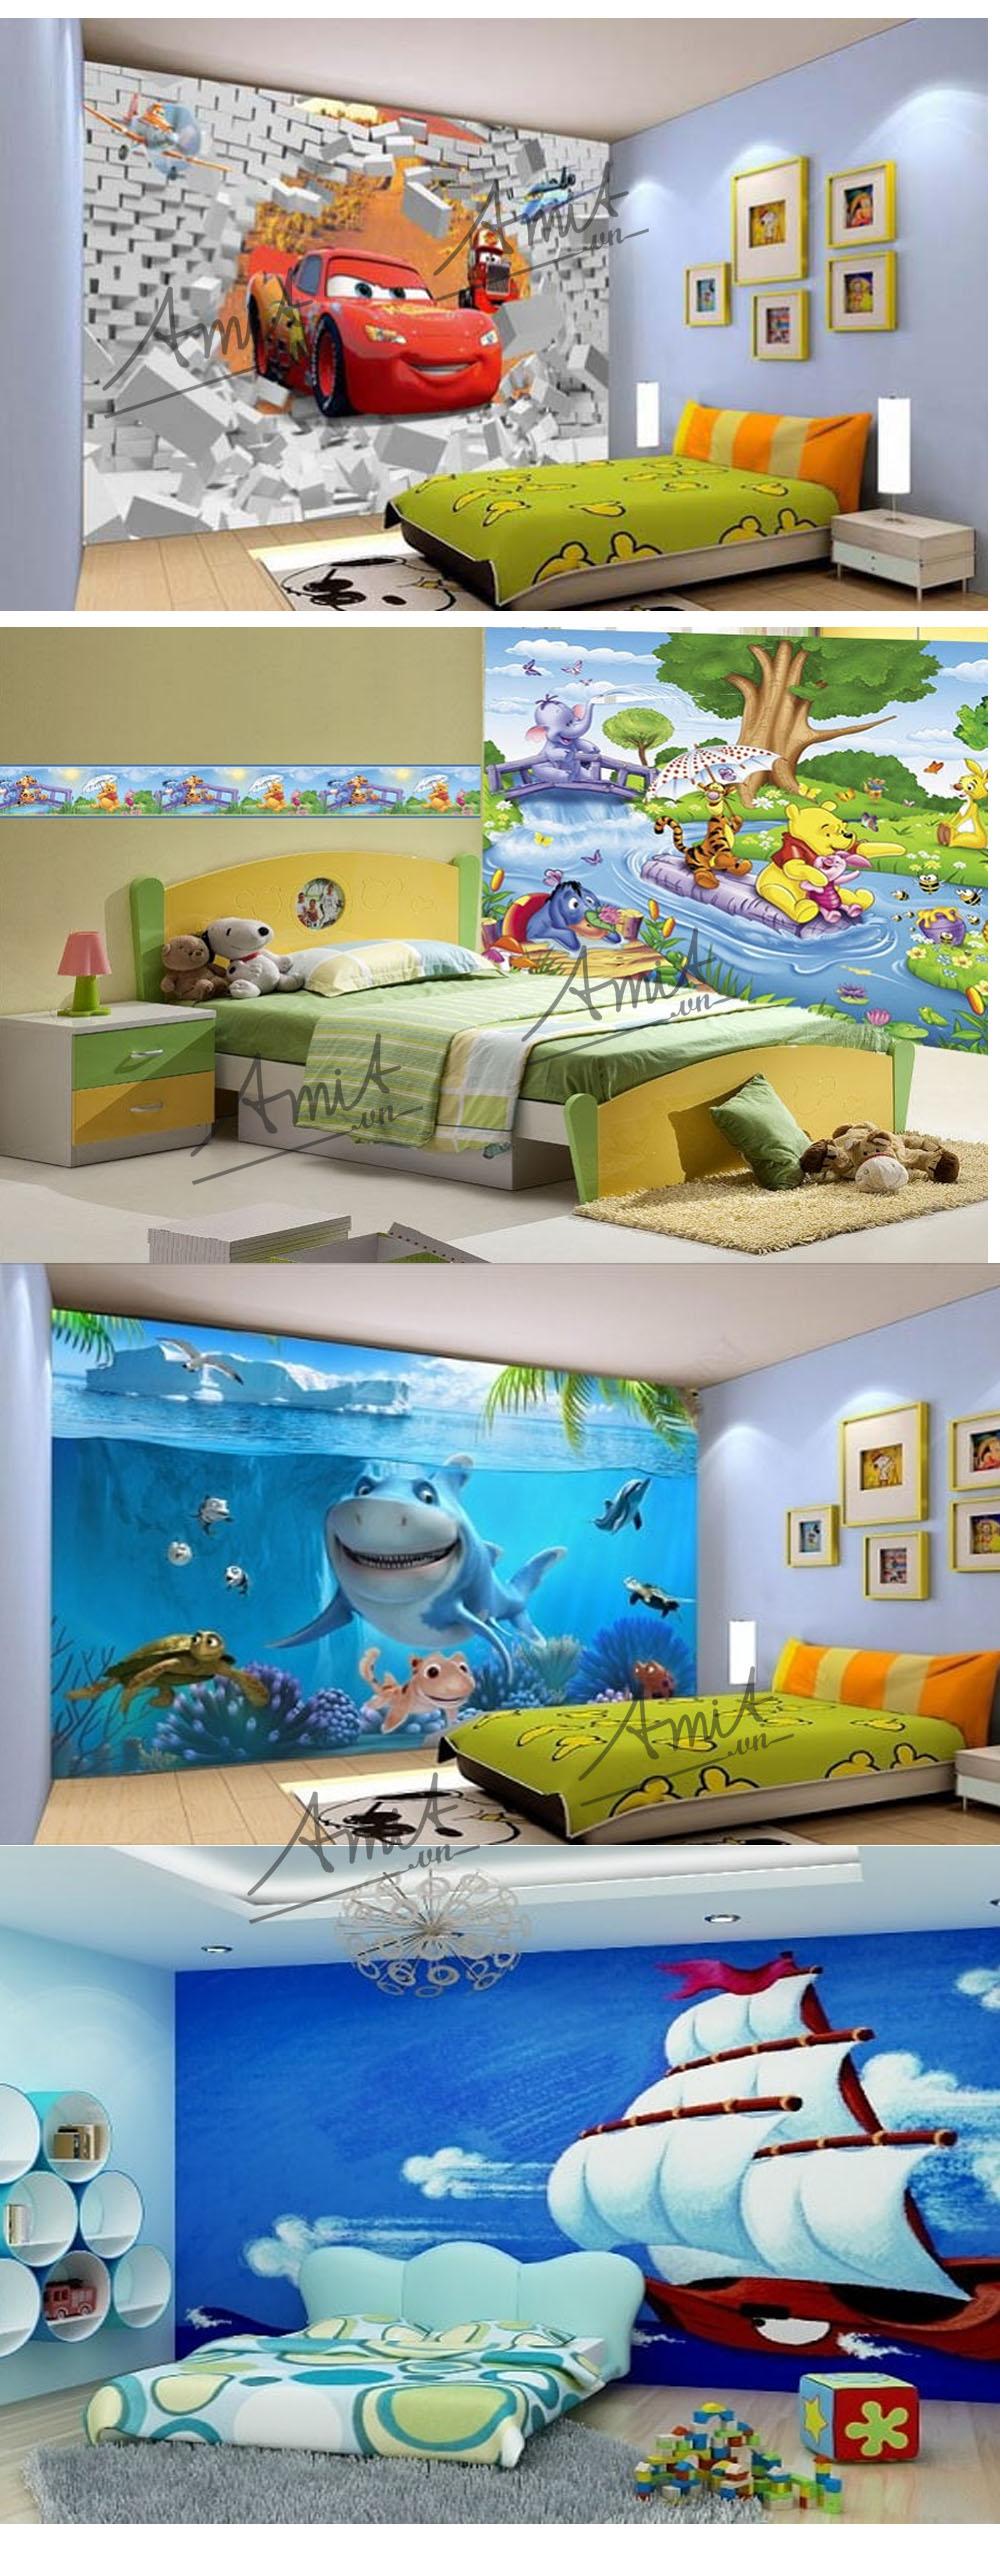 Tranh vẽ tường phòng bé trai là những hình ảnh bé yêu thích, những thú vui, màu sắc tươi sáng, thông minh, dí dỏm